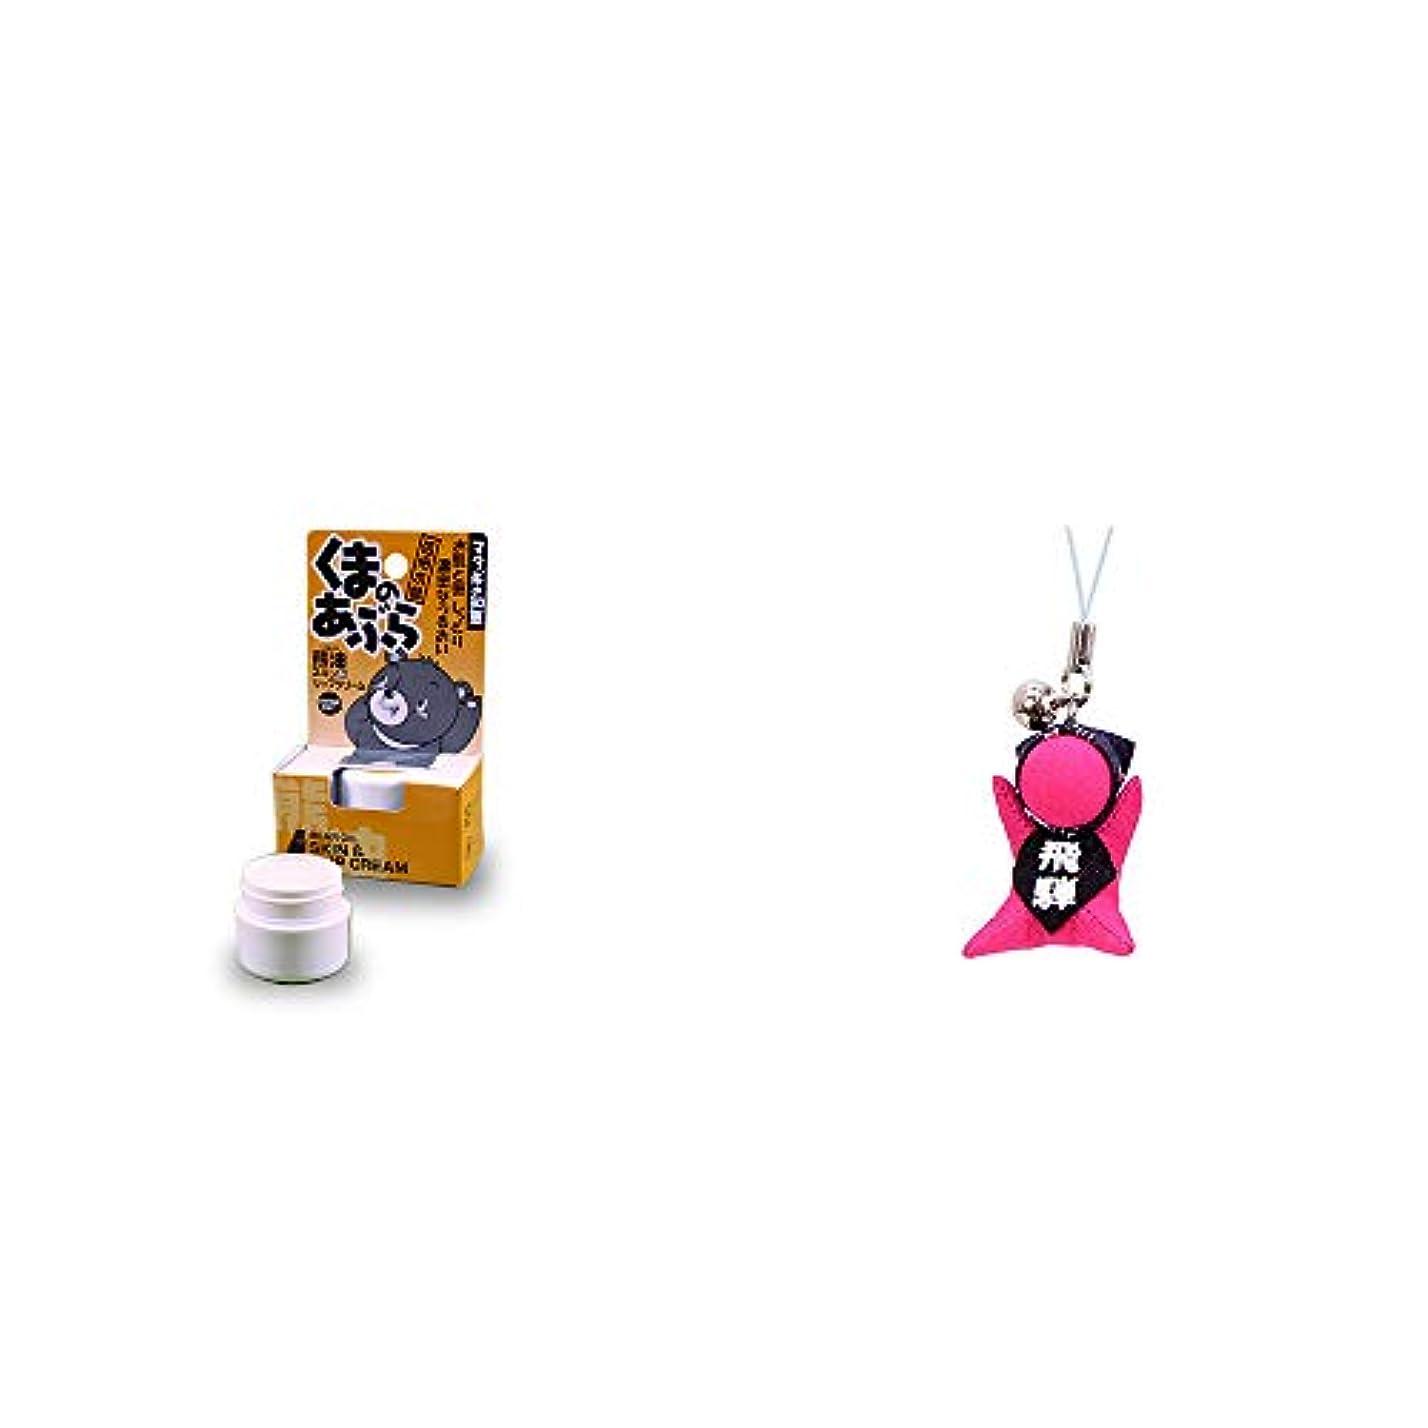 スパーク集中力[2点セット] 信州木曽 くまのあぶら 熊油スキン&リップクリーム(9g)?さるぼぼ幸福ストラップ 【ピンク】 / 風水カラー全9種類 縁結び?恋愛(出会い) お守り//